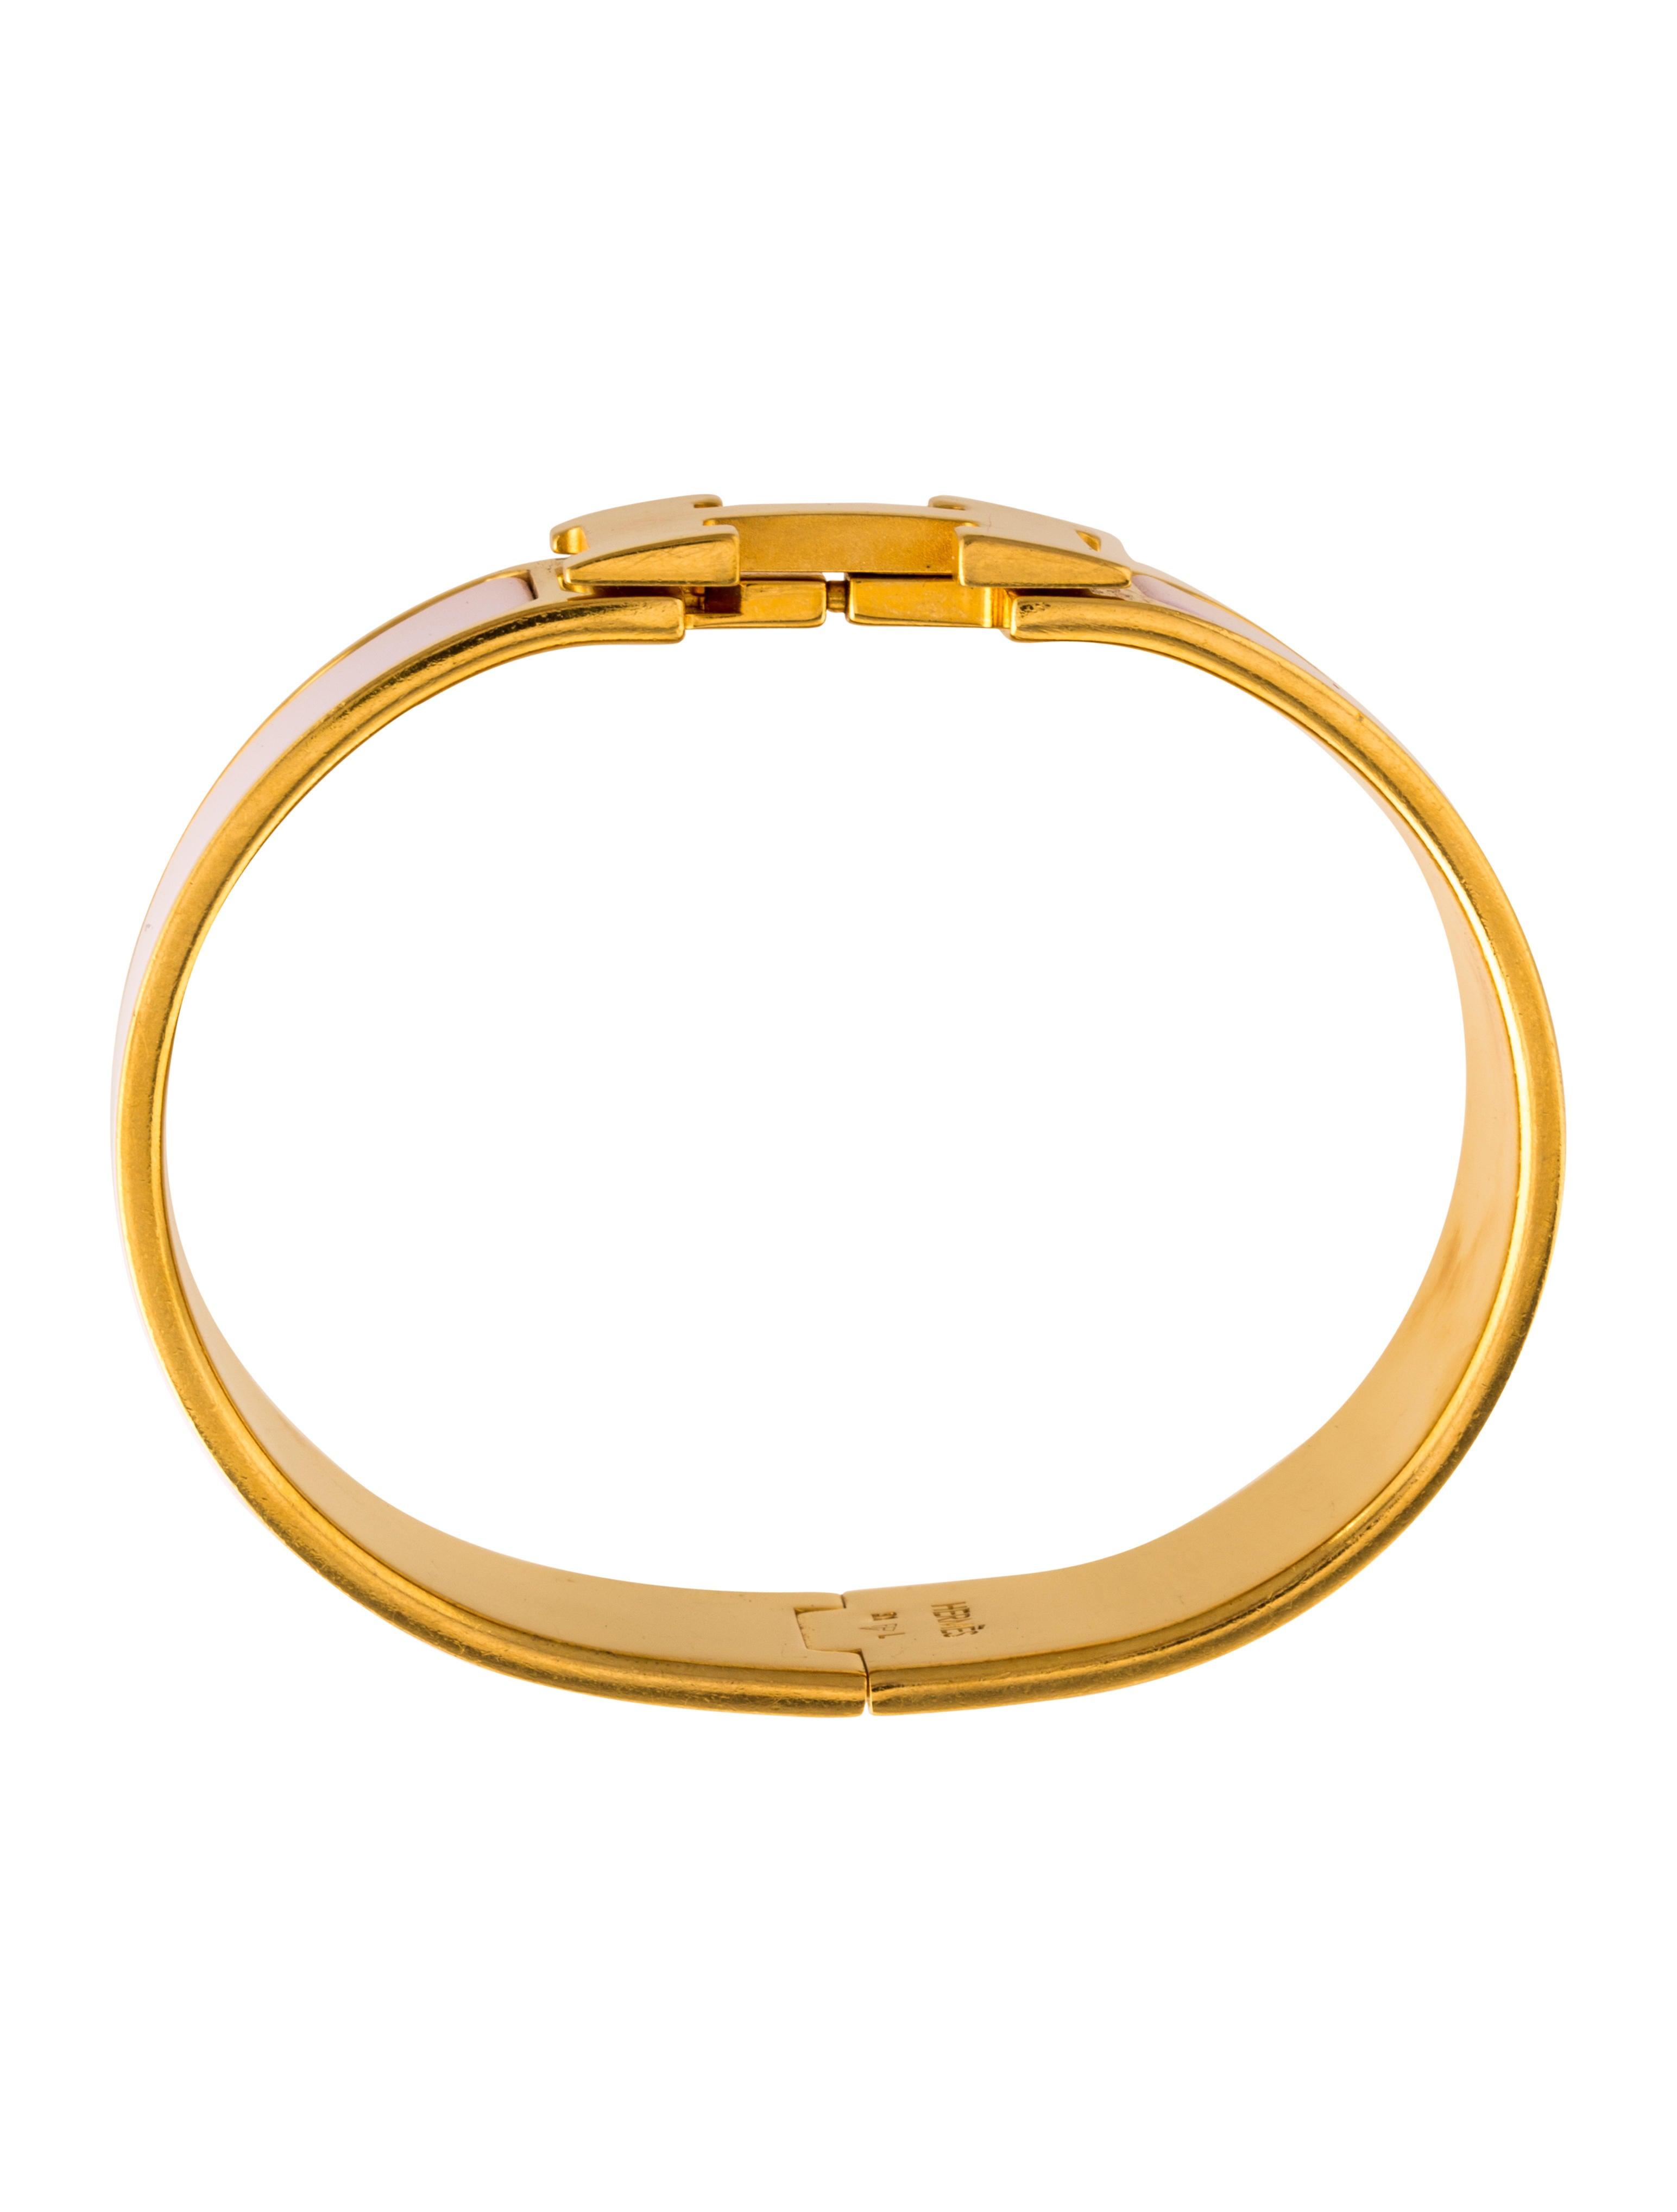 herm s clic clac h bracelet bracelets her108675 the. Black Bedroom Furniture Sets. Home Design Ideas